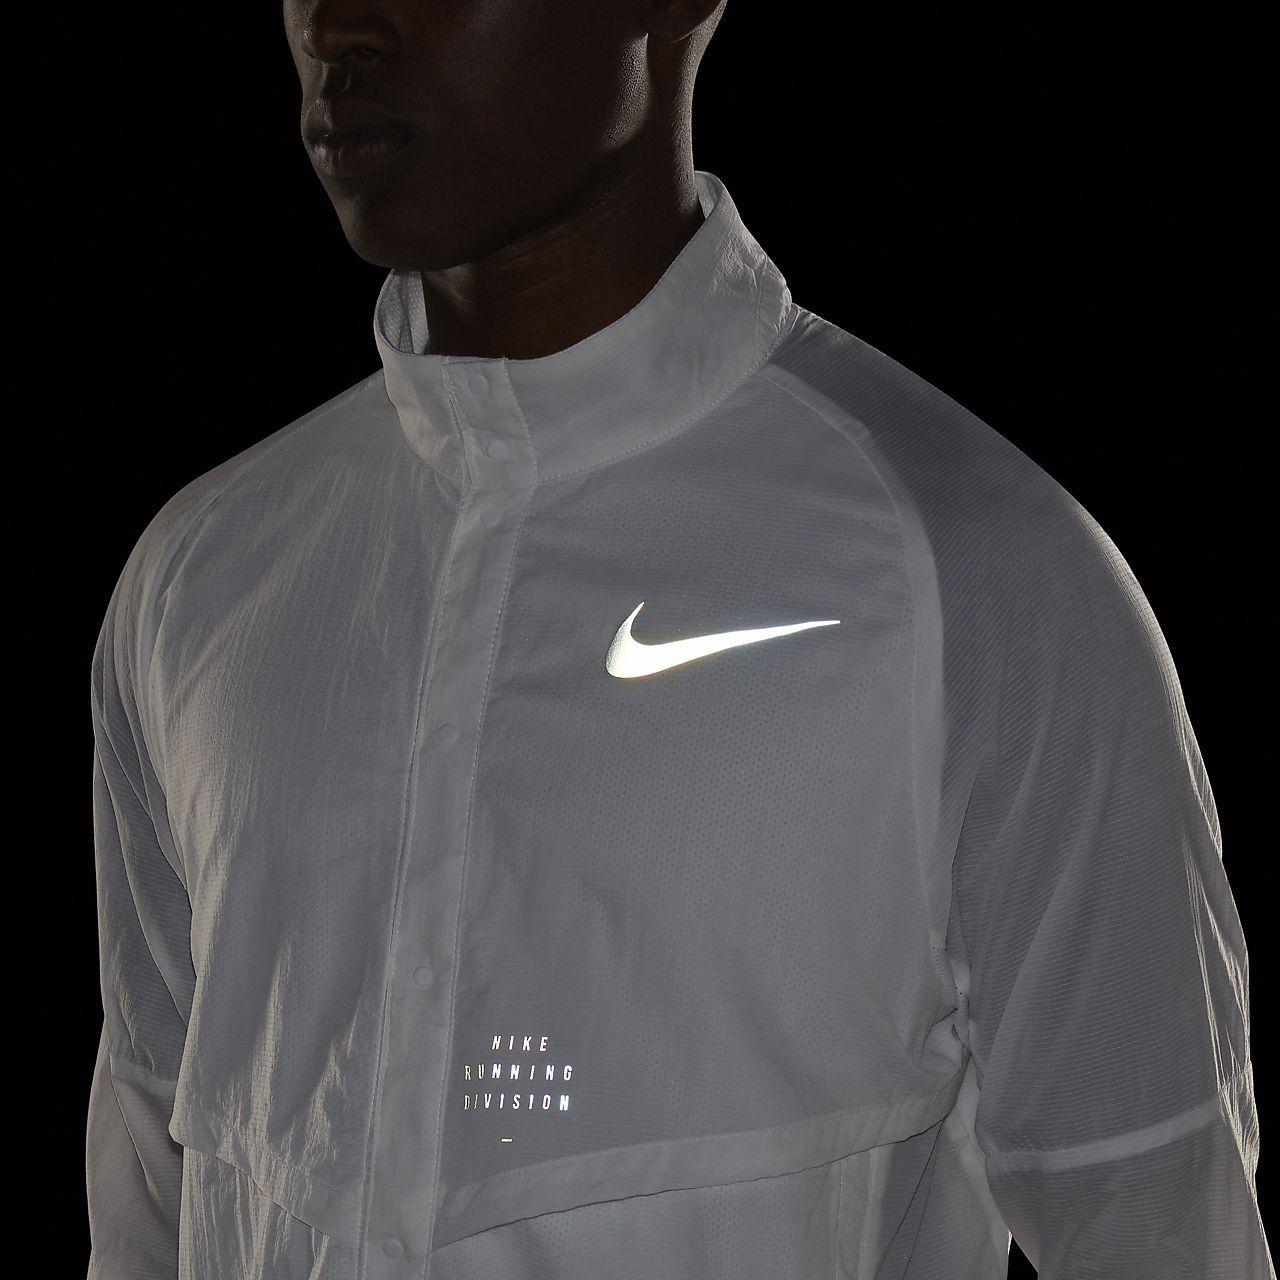 Nike Run Division Chaqueta de running - Hombre   Ropa de ...